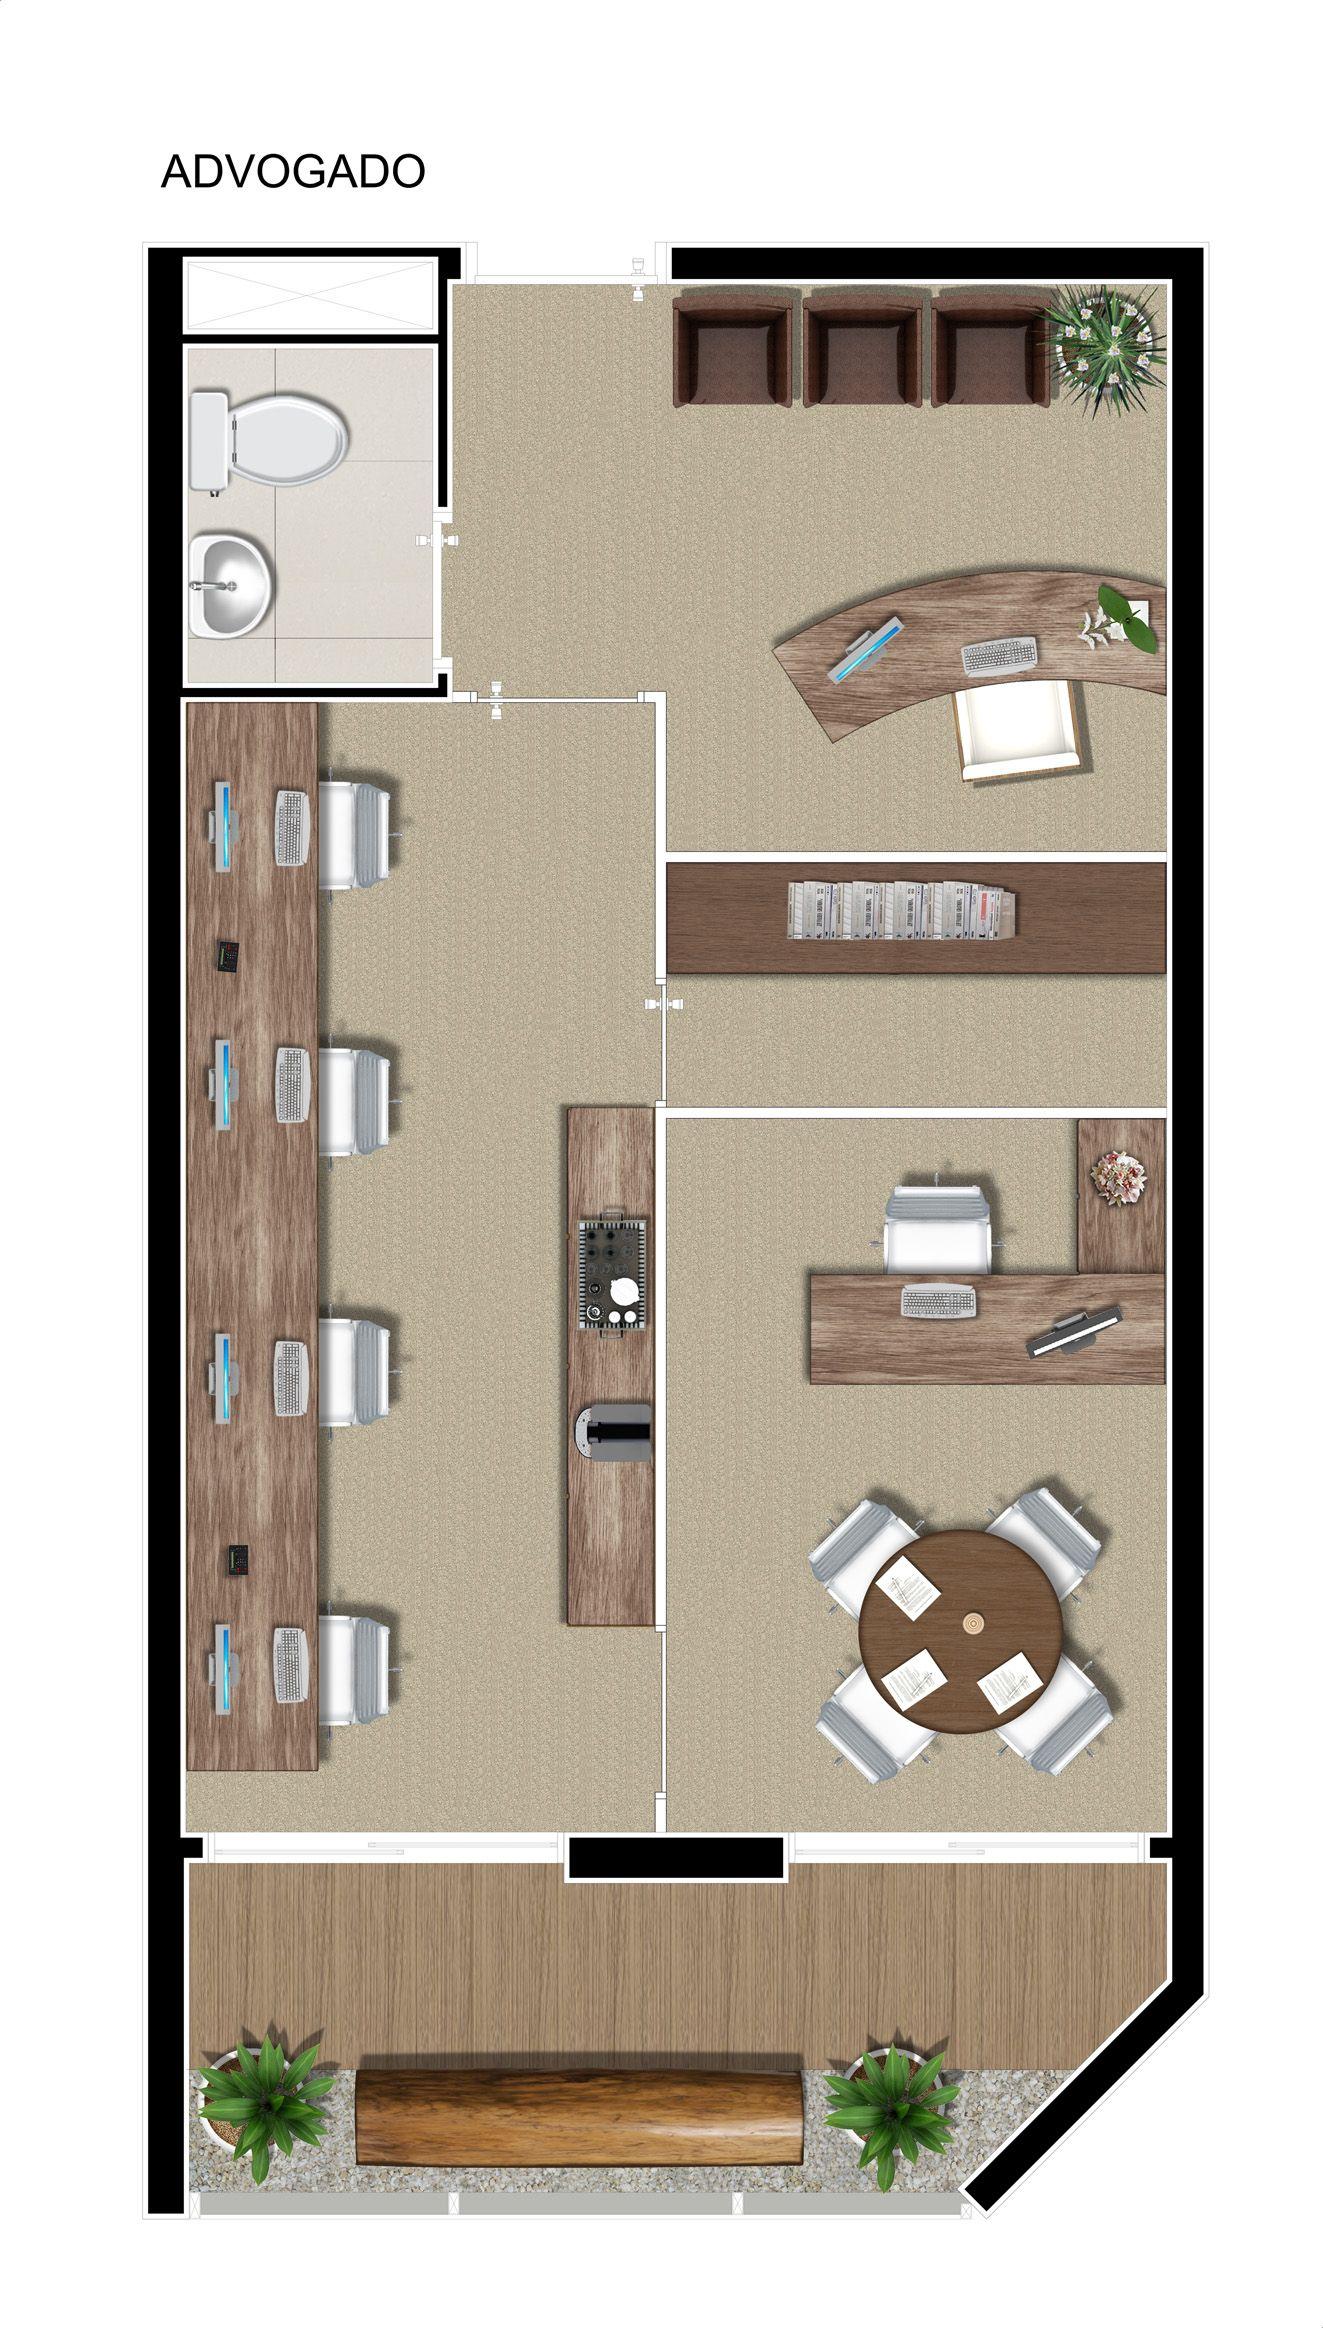 Planta escrit rio de advocacia com 37m escritorio for Oficinas planta arquitectonica